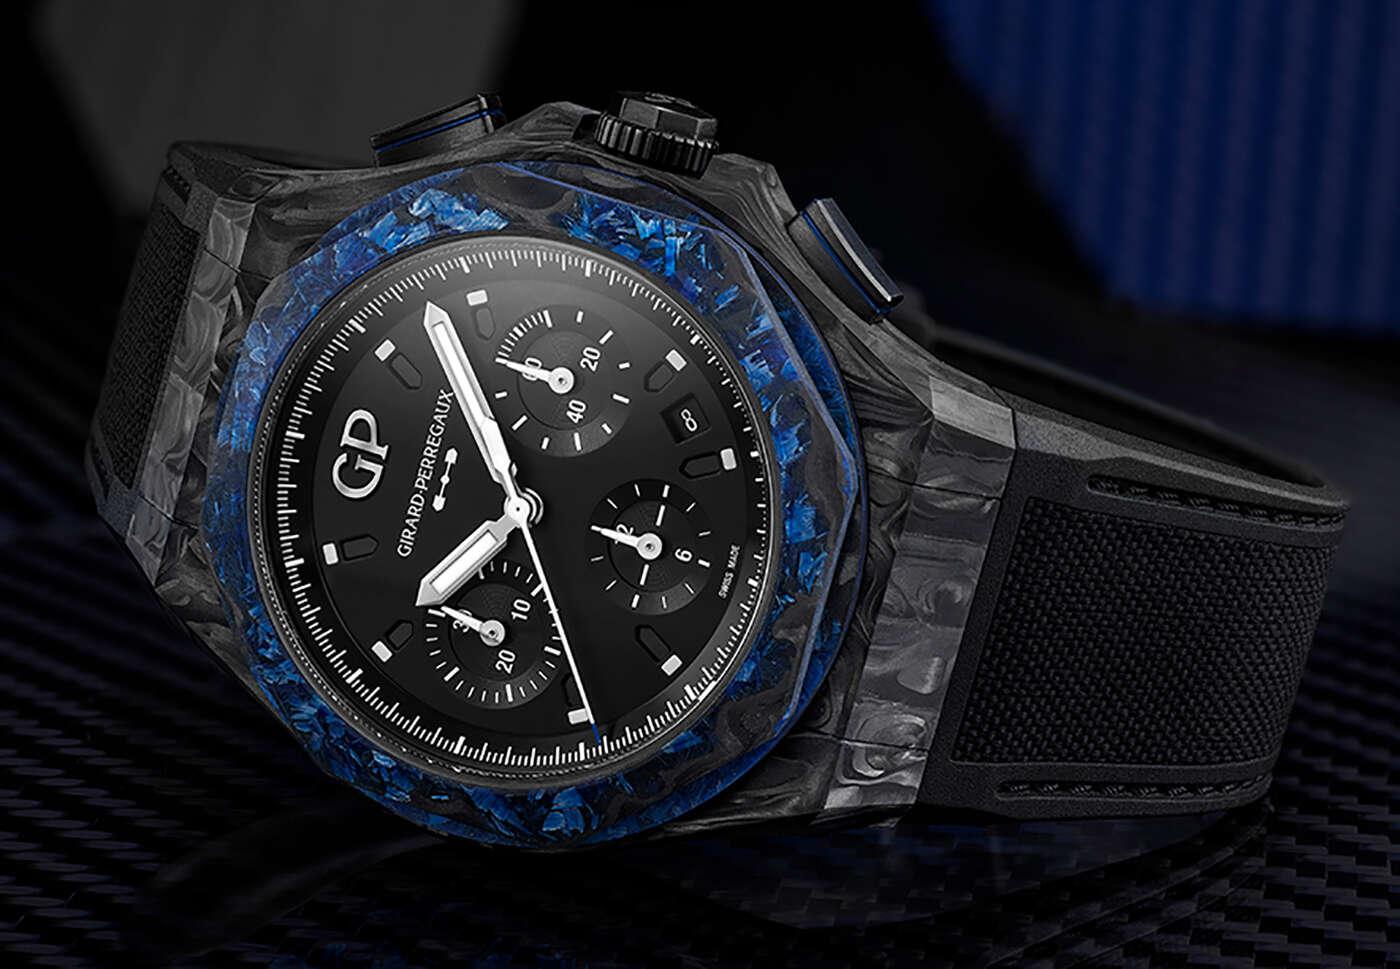 Limitowany zegarek Girard-Perregaux zachwyca futurystyczną kopertą